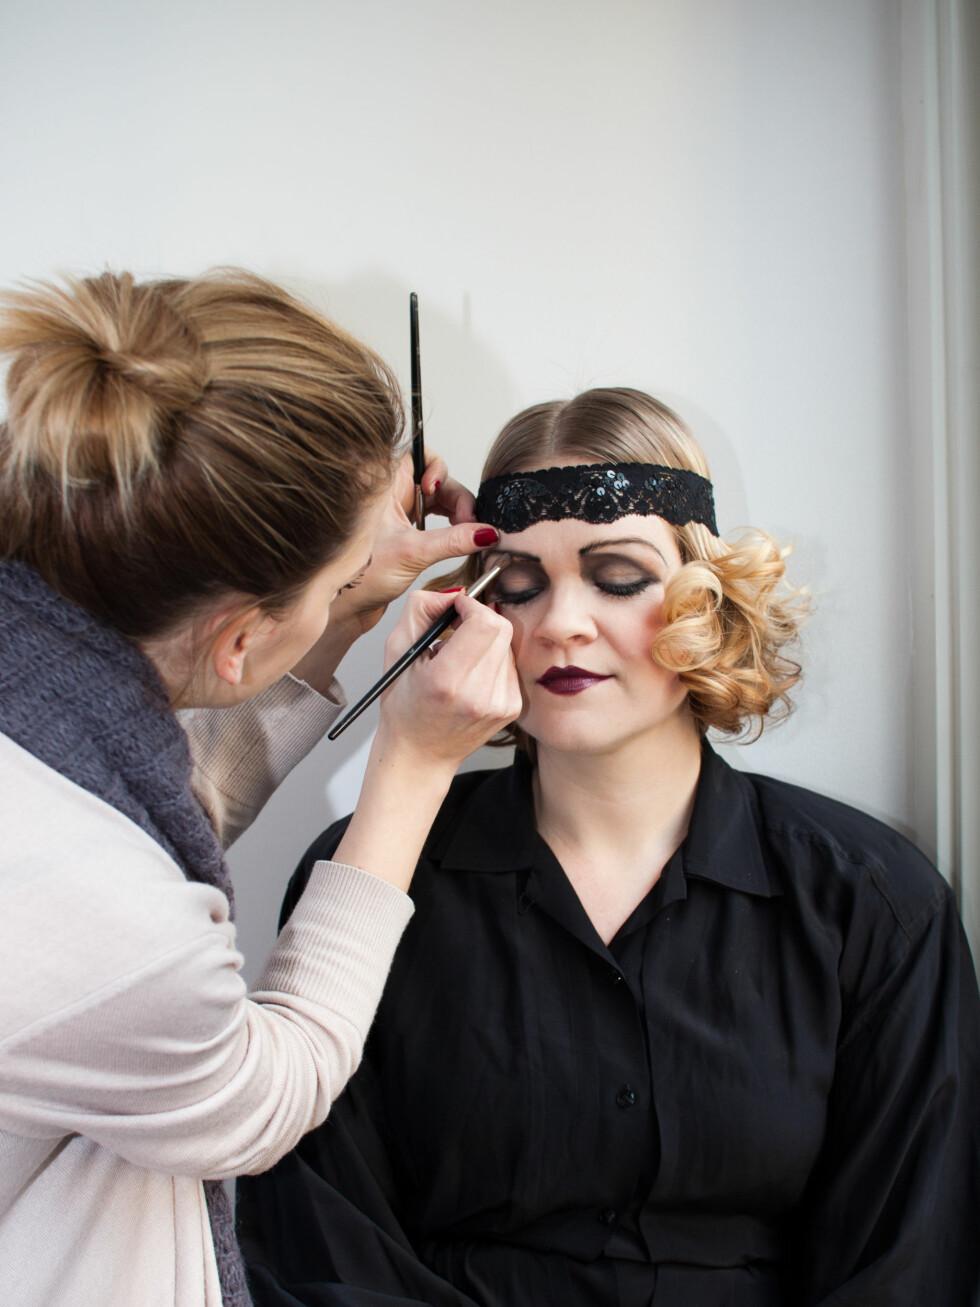 Makeupassistent Carina Marwell finjusterer sminken. Øynene skal se triste og melankolske ut, så linjene bues kraftig ned i ytterkant.  Foto: Kristin Hove